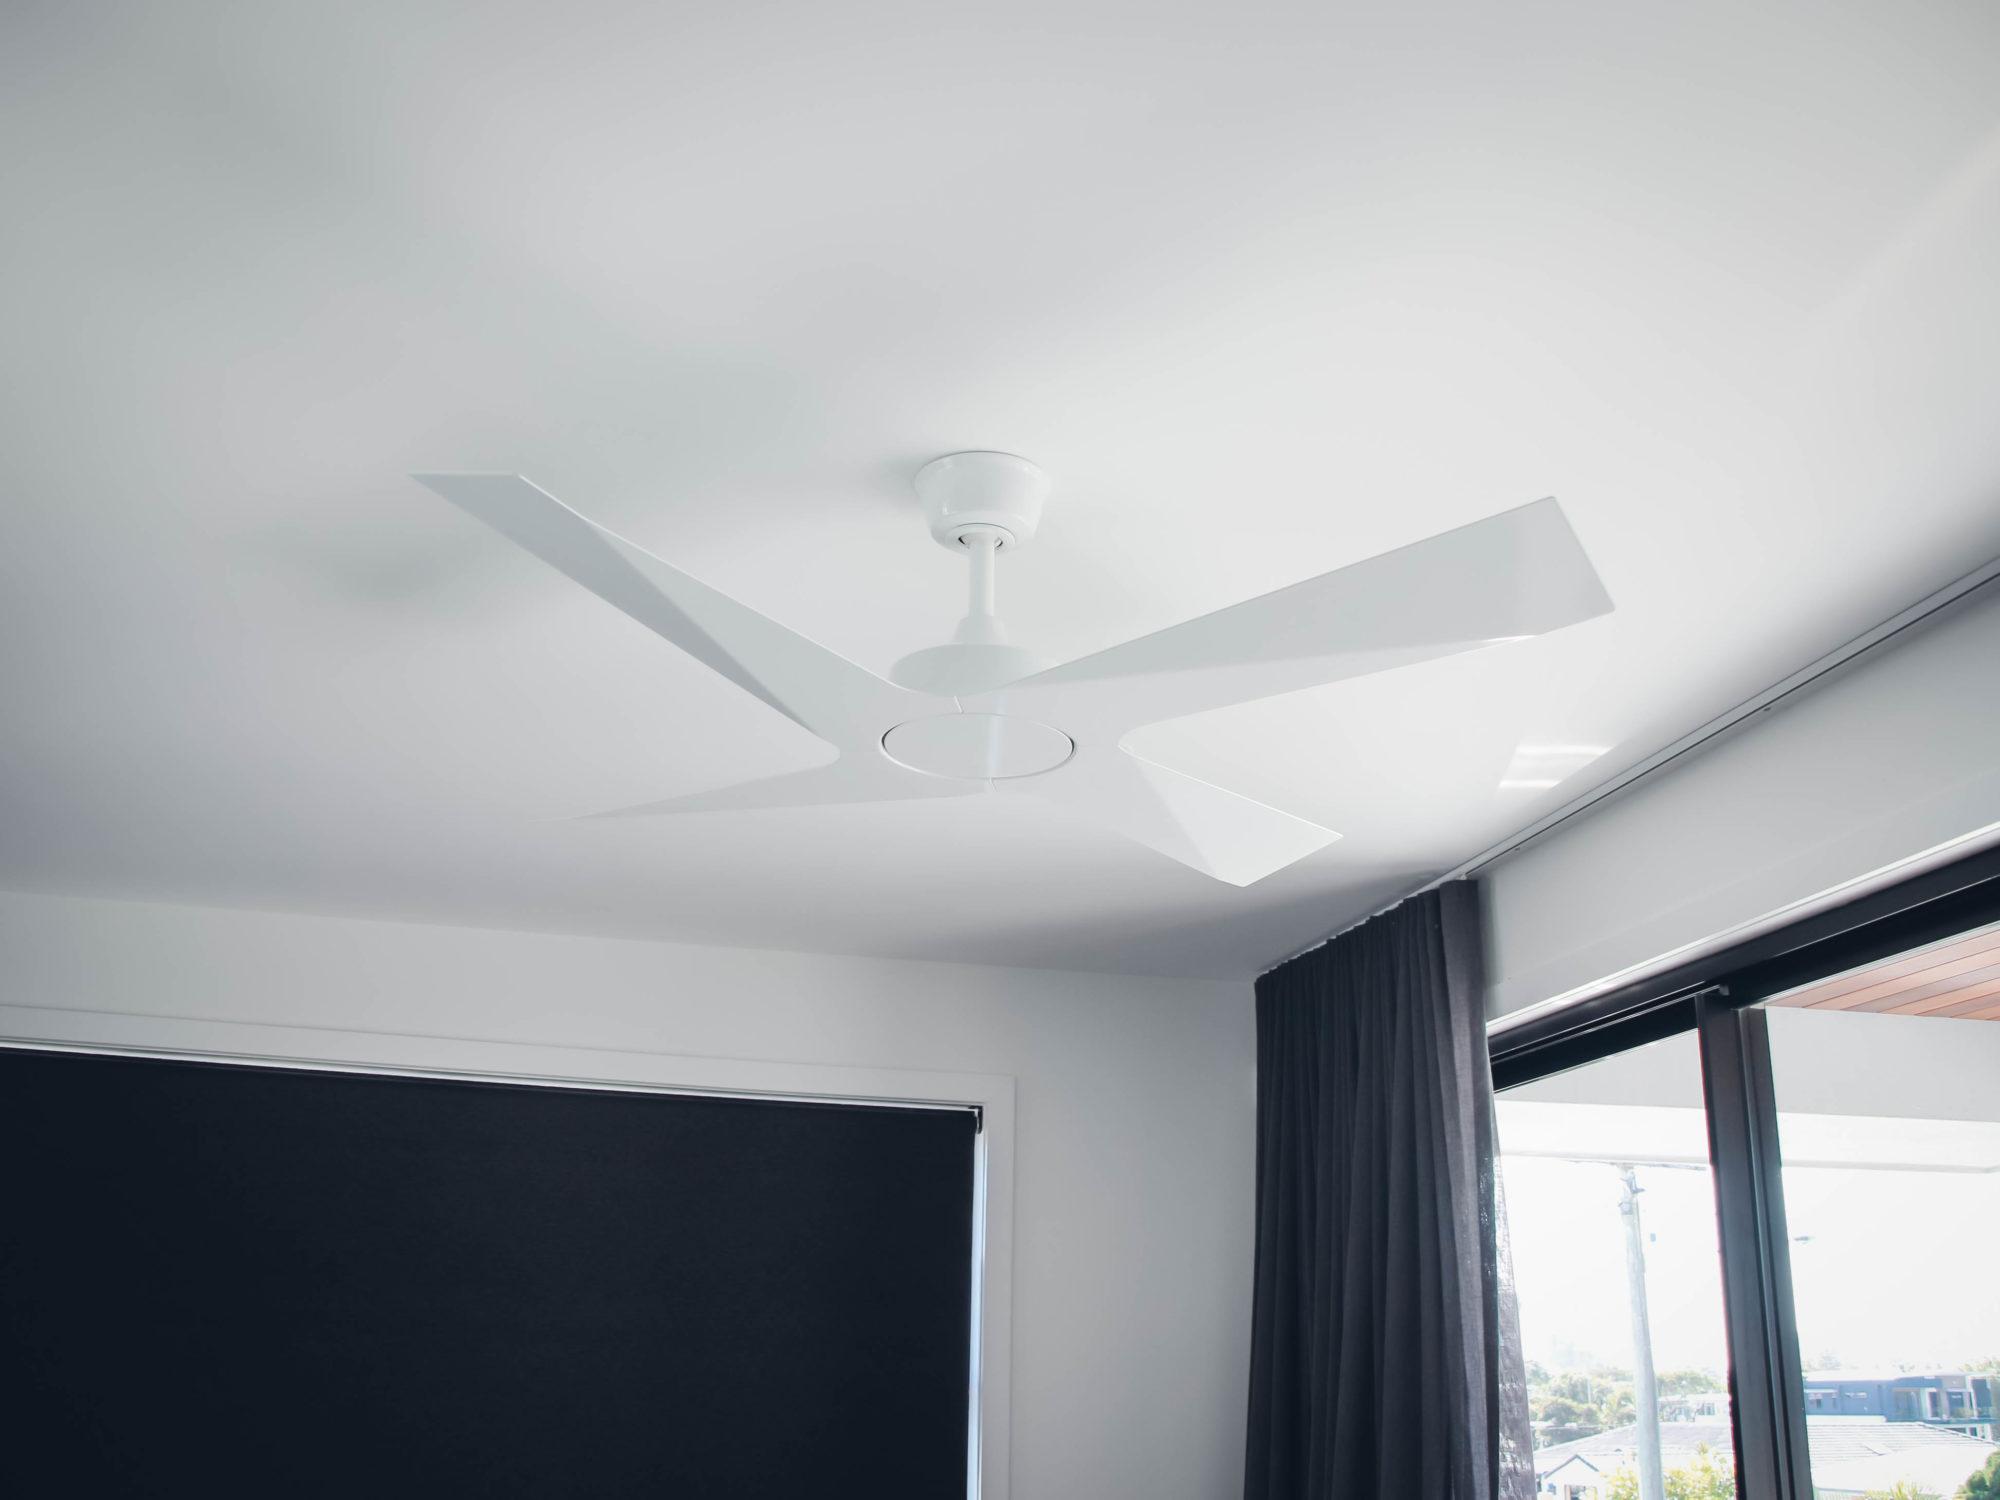 Modn 4 Ceiling Fan 32